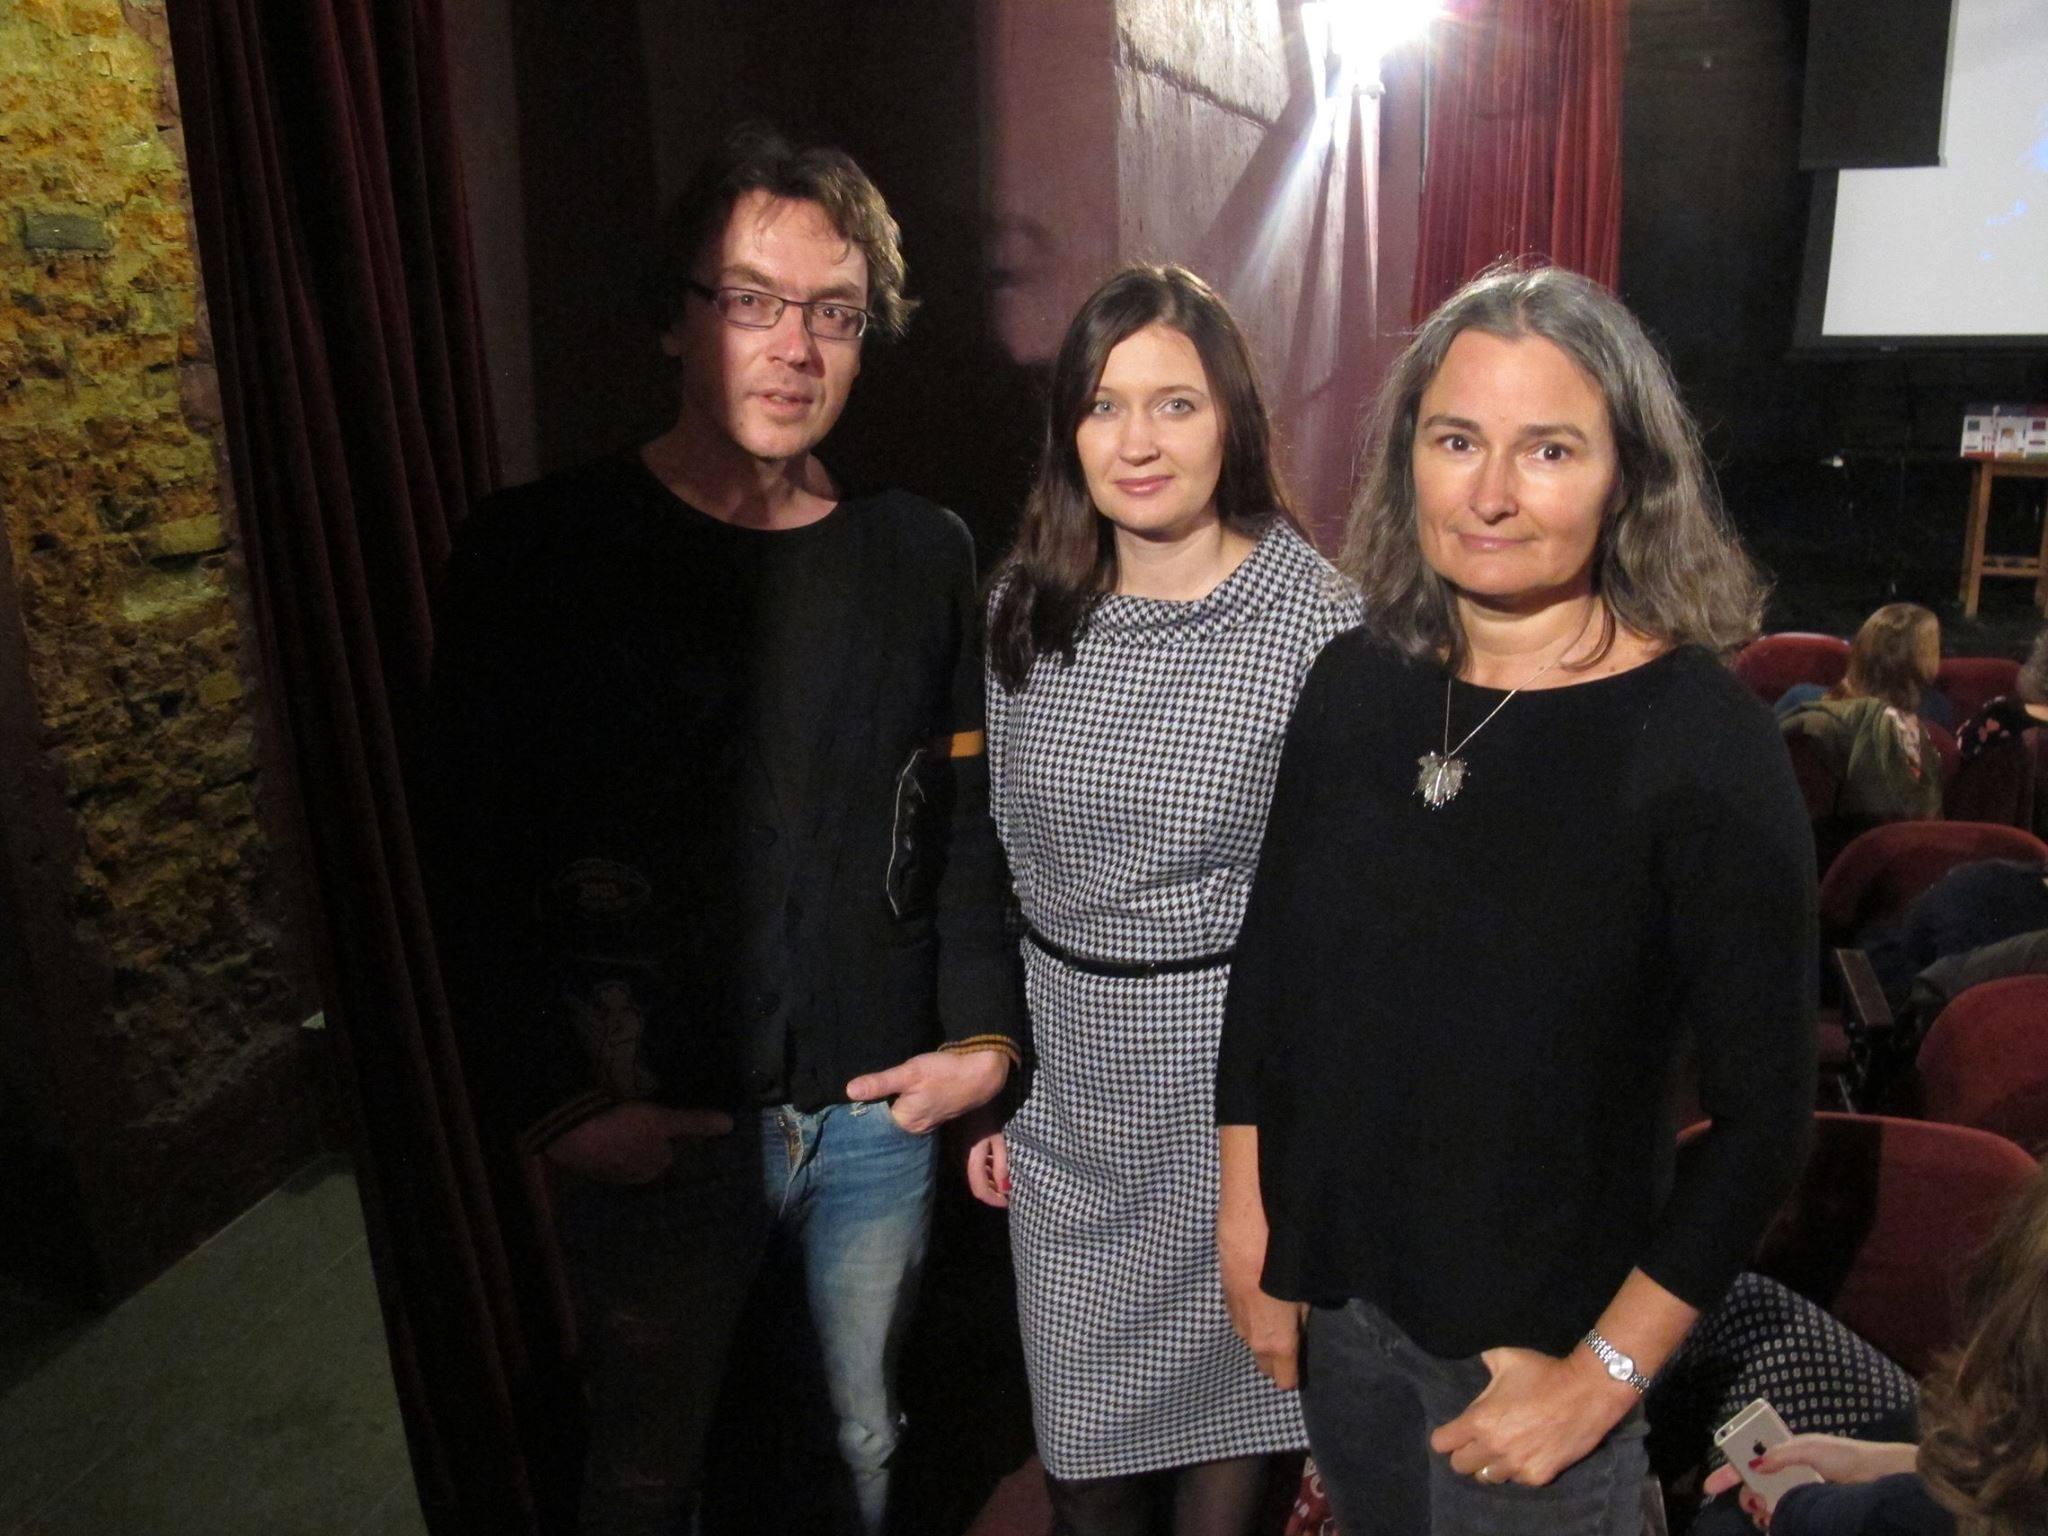 Презентация журнала ЭТАЖИ в Москве в Доме Булгакова, февраль 2016: Дмитрий Воденников, Ирина Терра, Вера Павлова